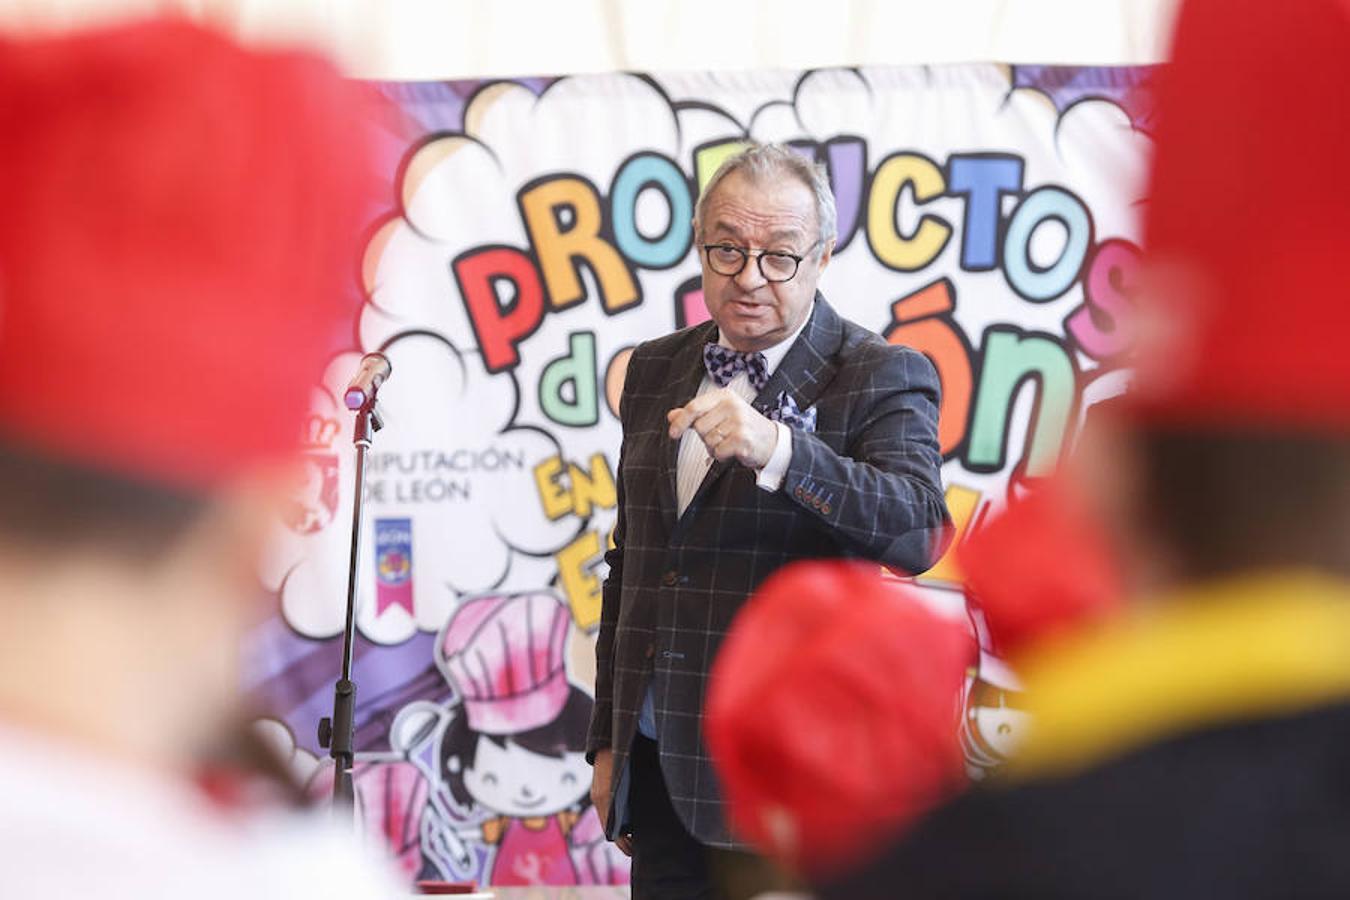 Presentación de la Campaña 'Productos de León en la Escuela'